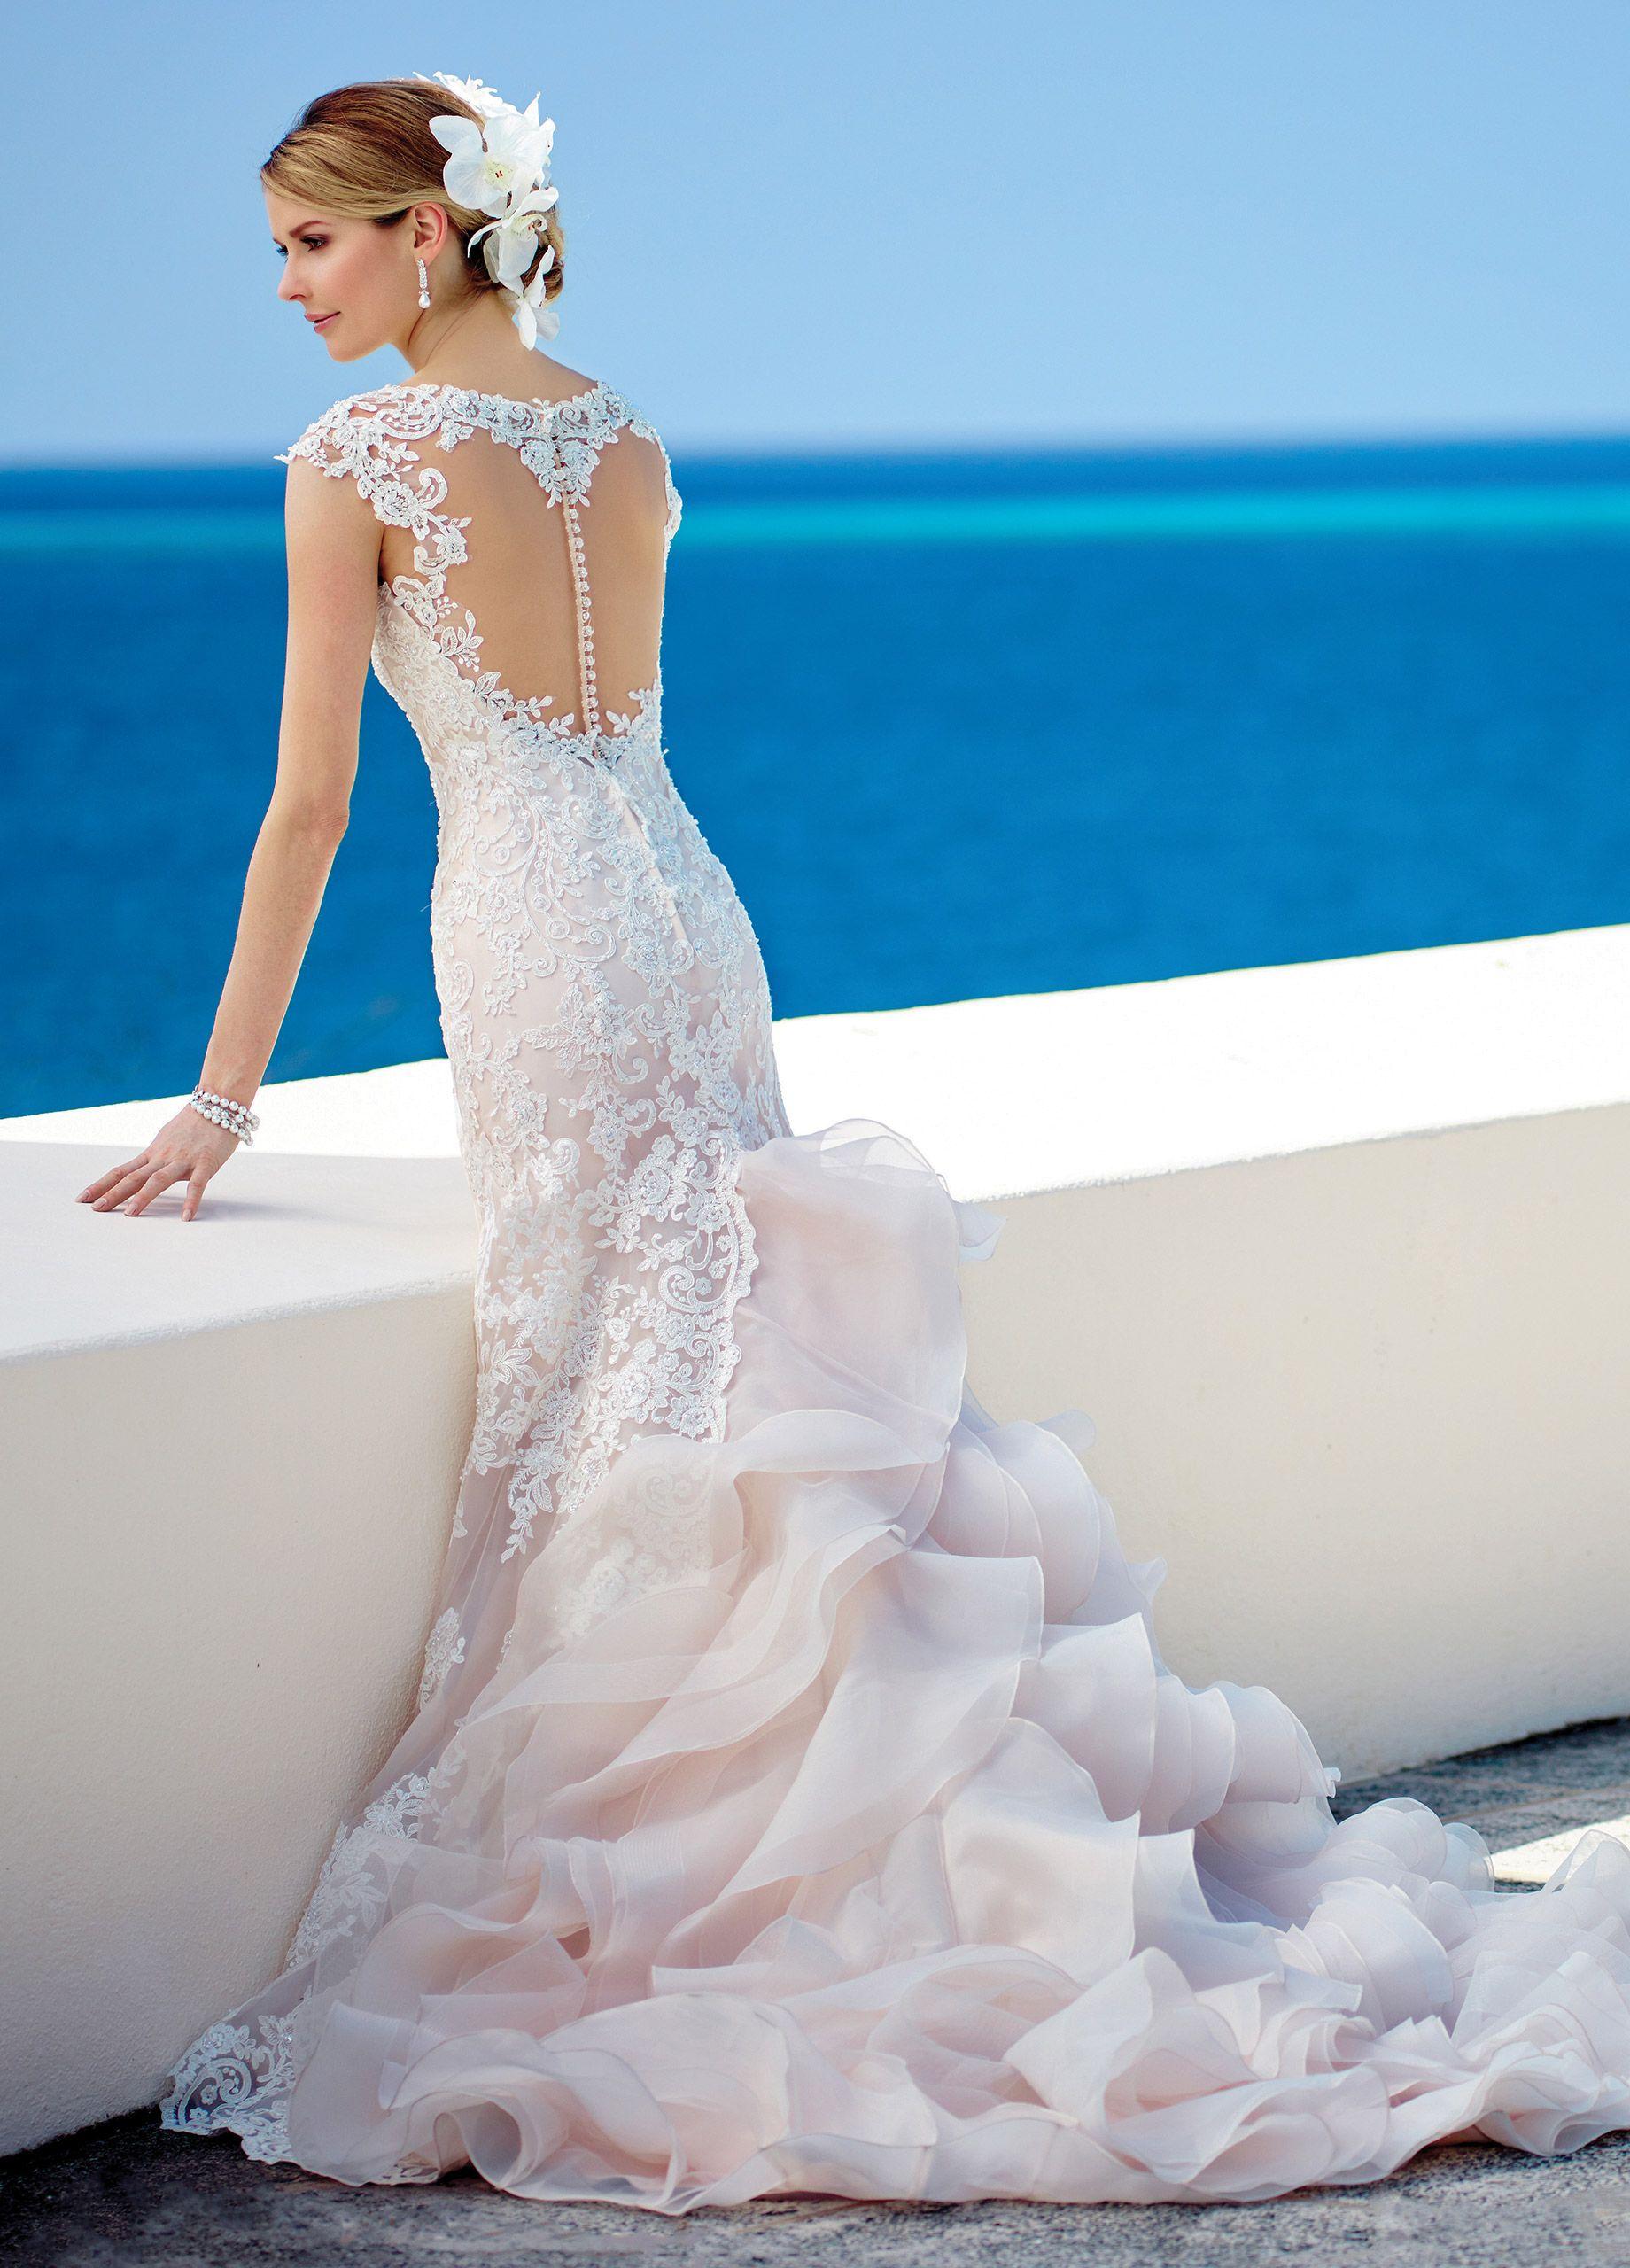 Unique Wedding Dresses Fall 2018 - Martin Thornburg | Gowns, Wedding ...